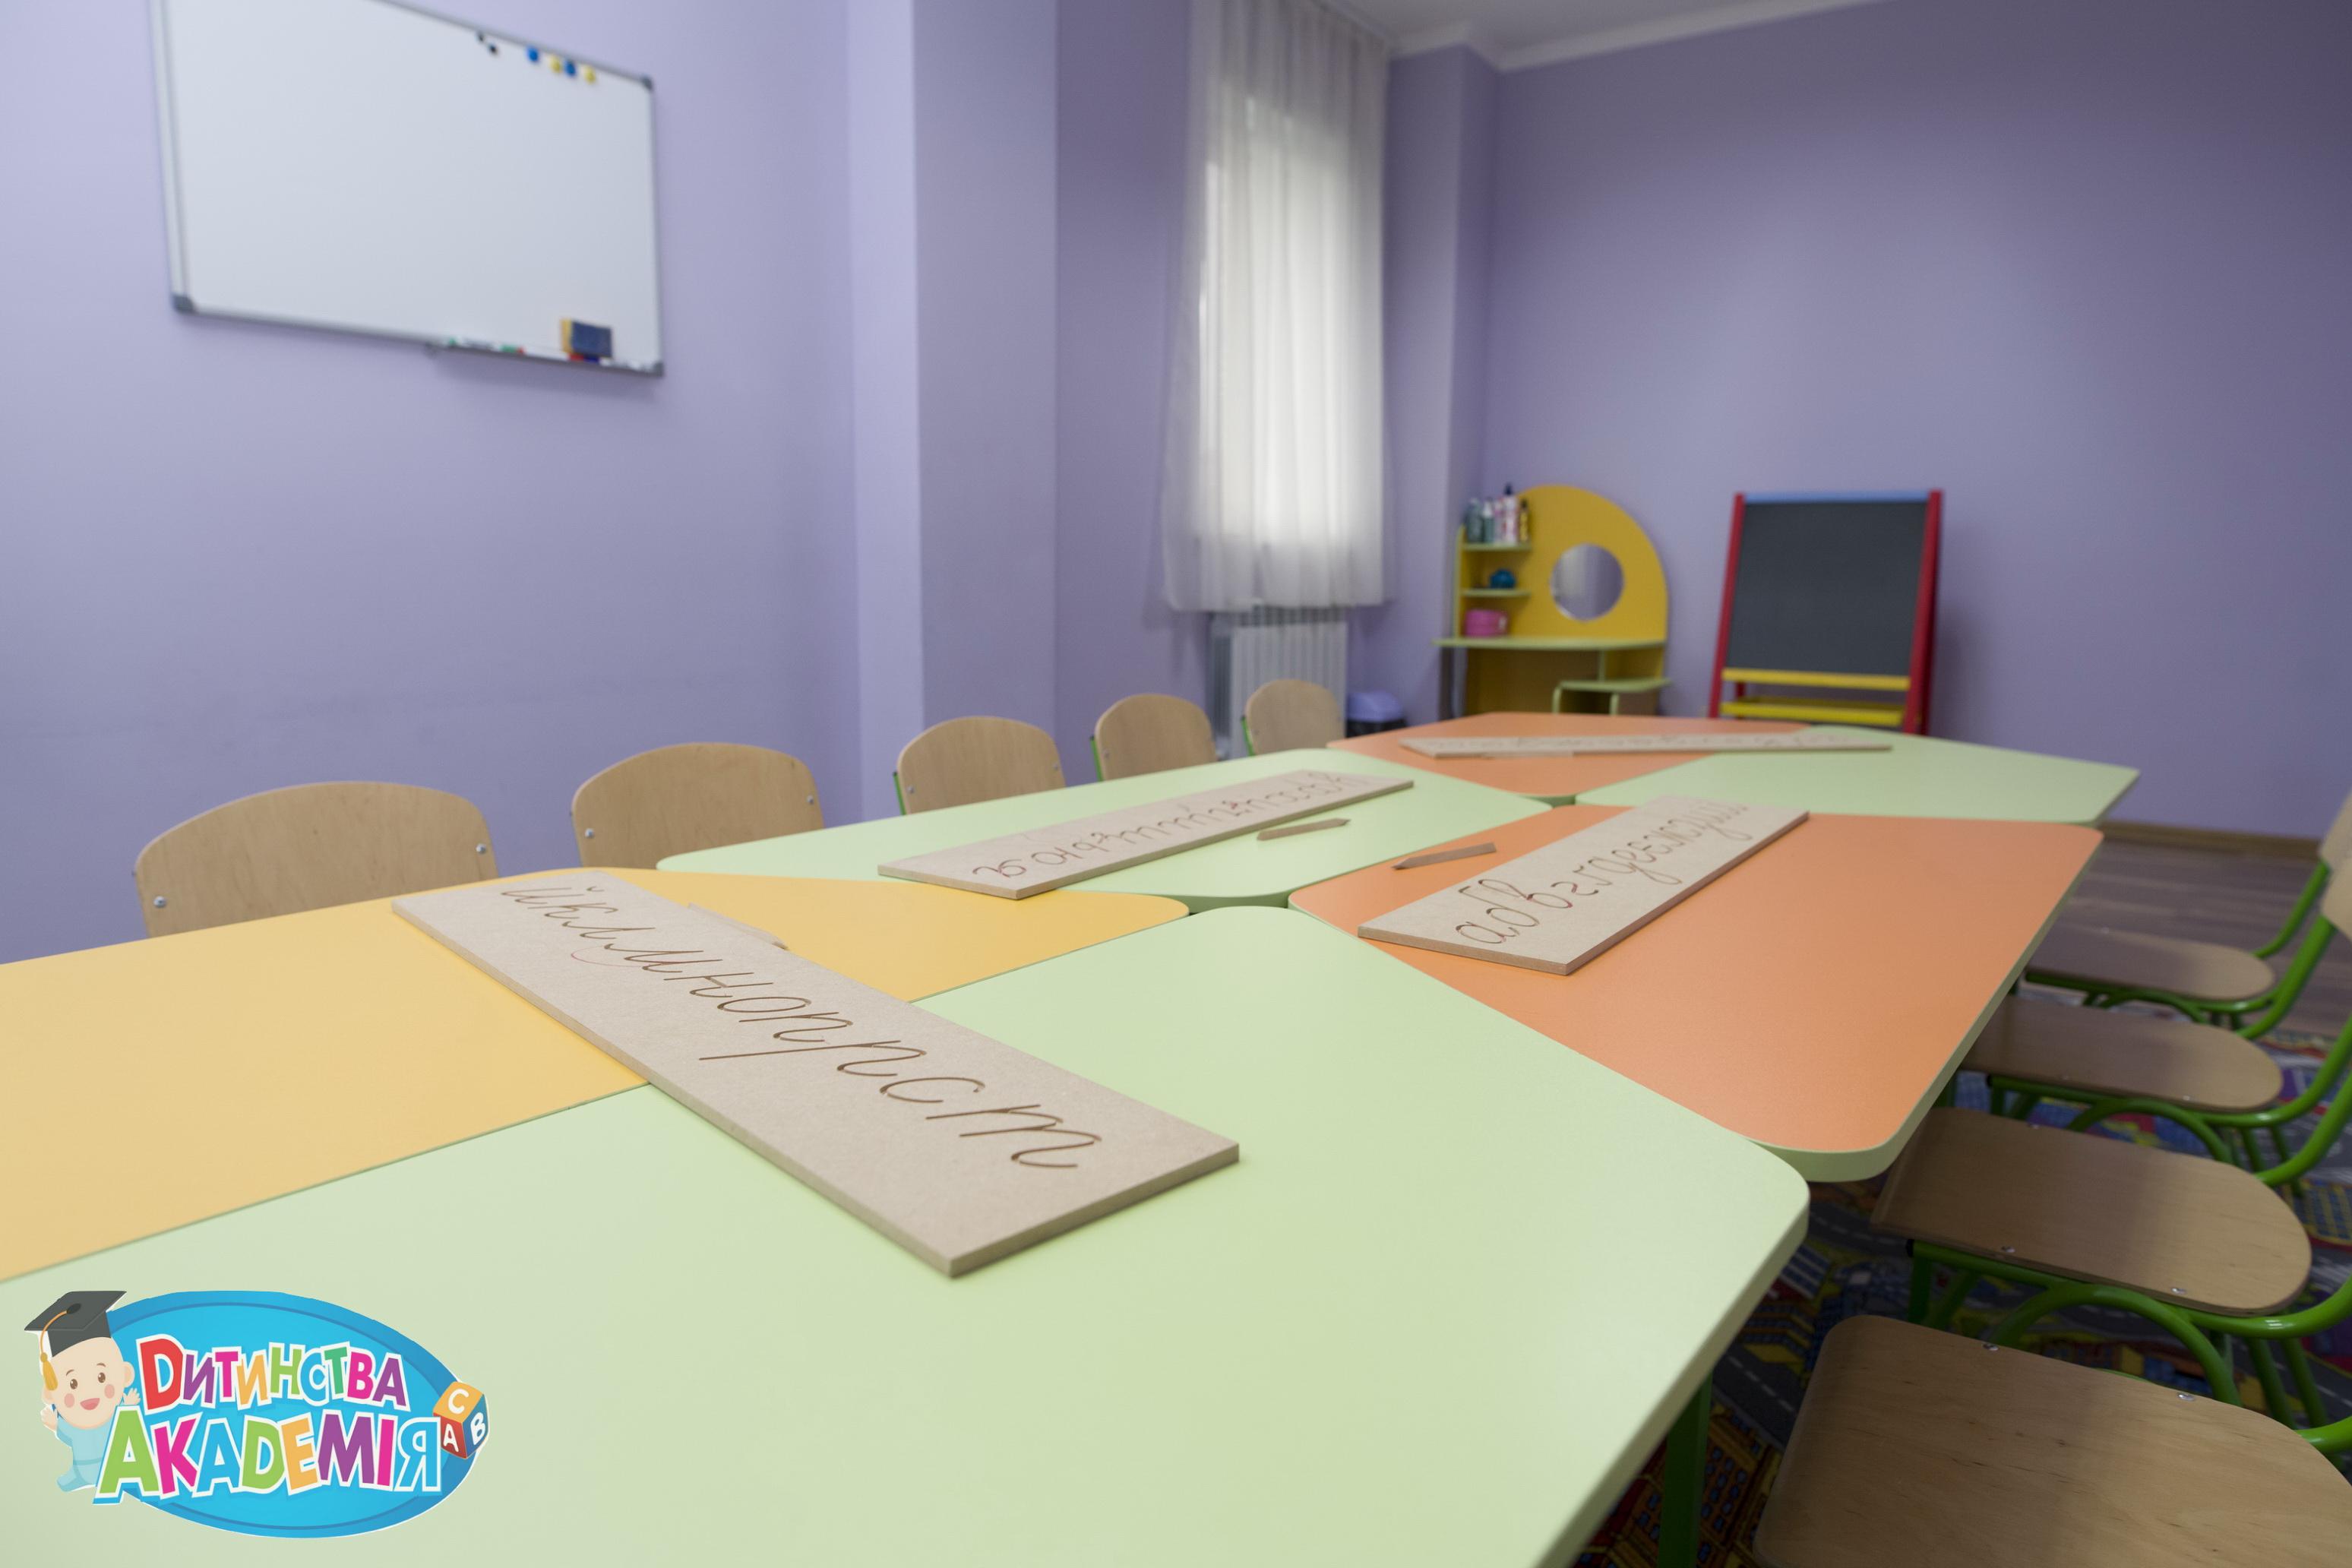 Частный детcад Академия детства_Новые_Петровцы_024